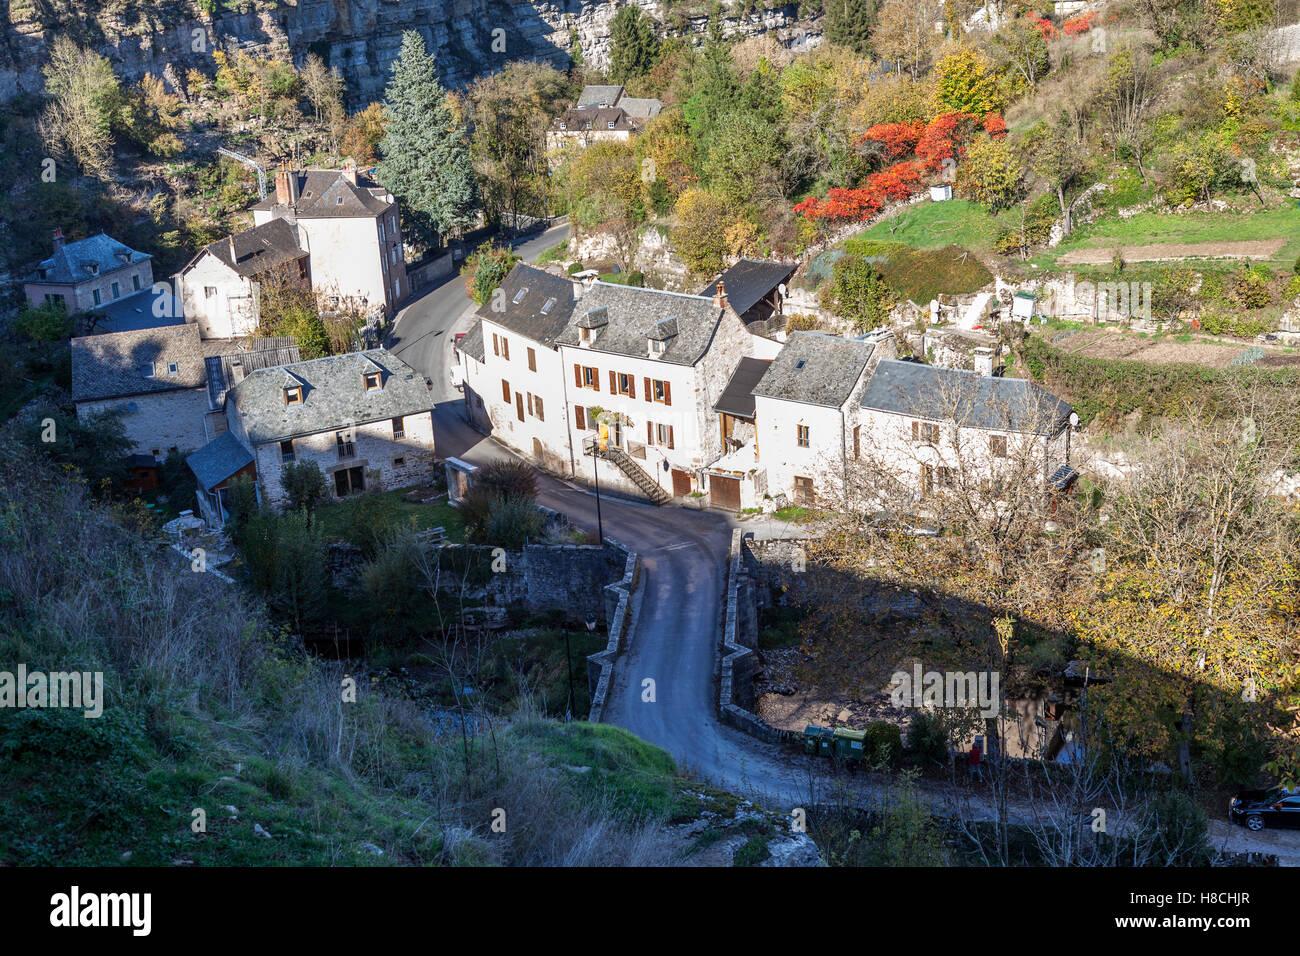 Il Foro Bozouls in autunno e in una parte del villaggio (Francia). Tale foro è una forma a ferro di cavallo Immagini Stock